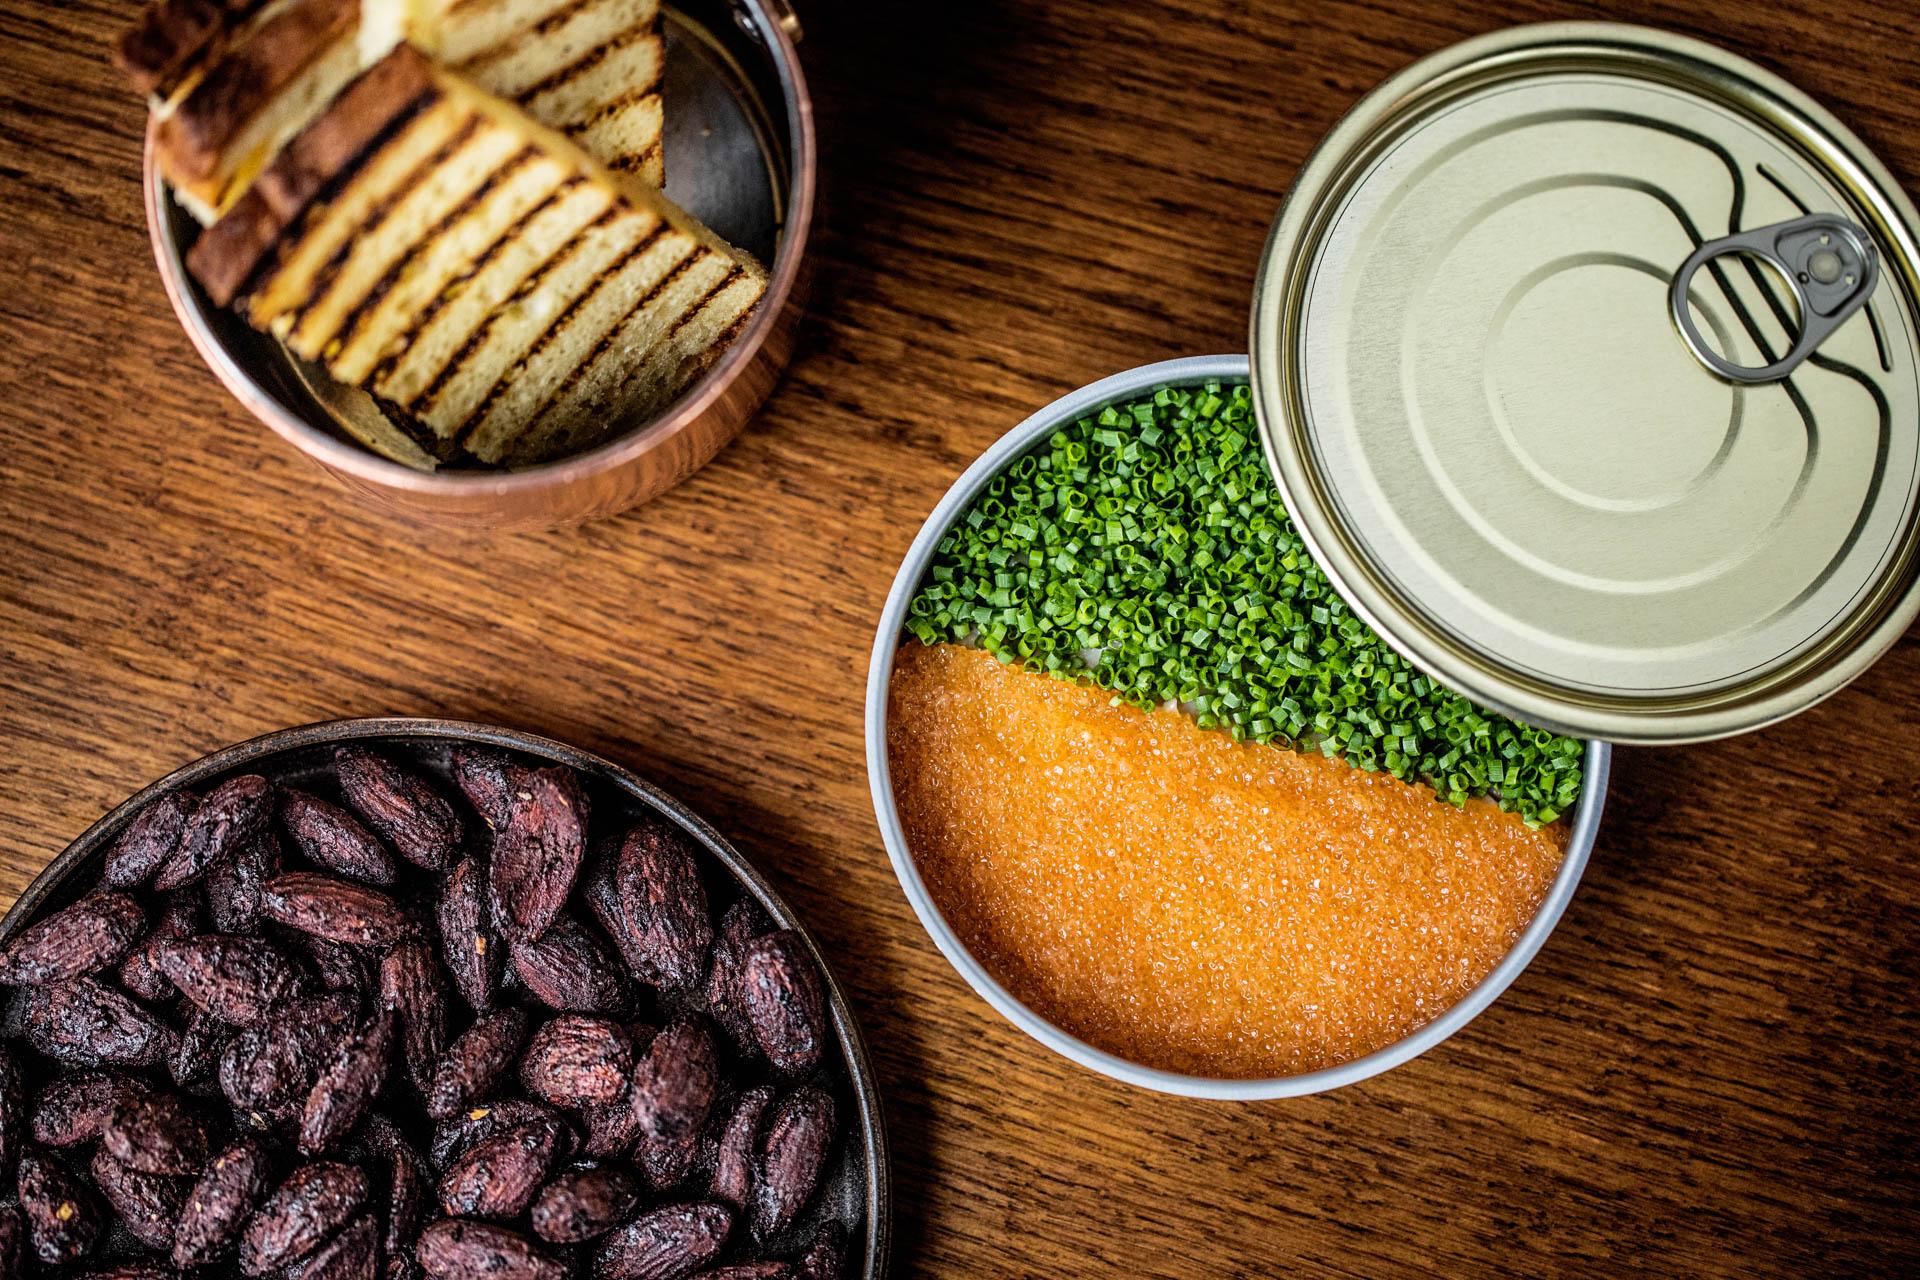 Brasseriet på Molskroen Strandhotel: Køkkenchefen har menuen til nytårsaften klar